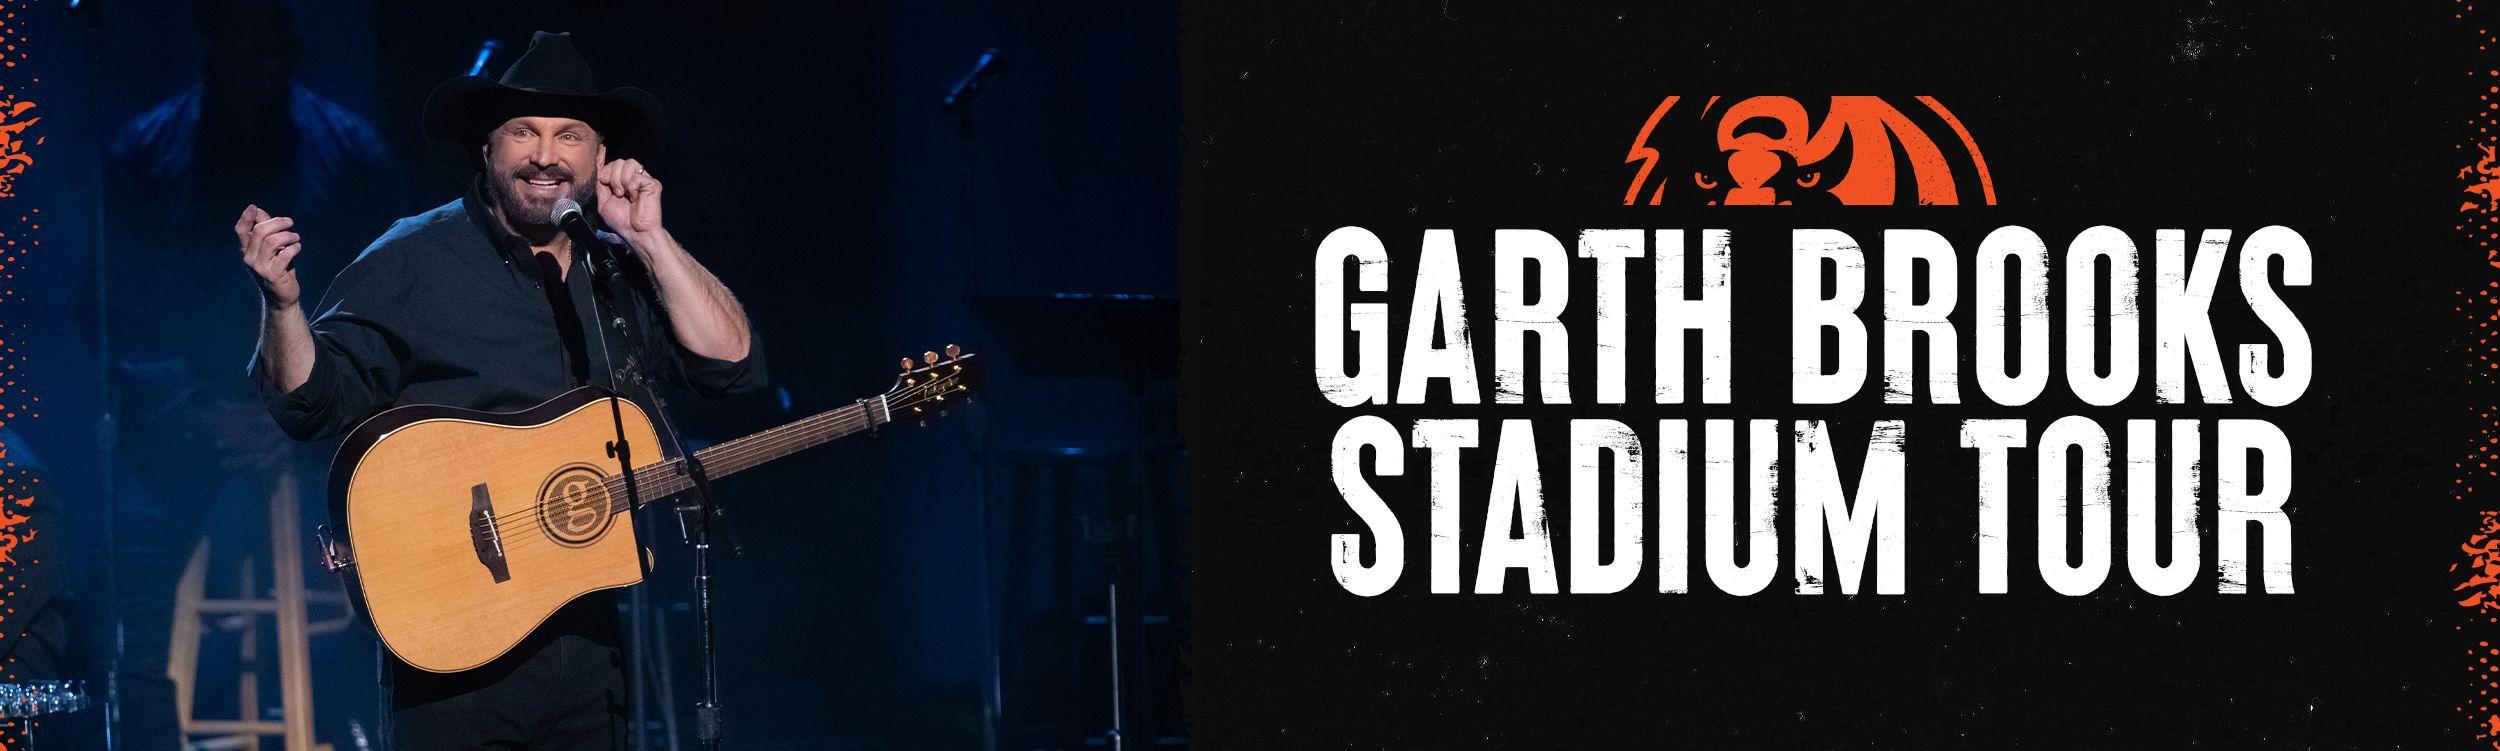 GARTH-STADIUM-TOUR